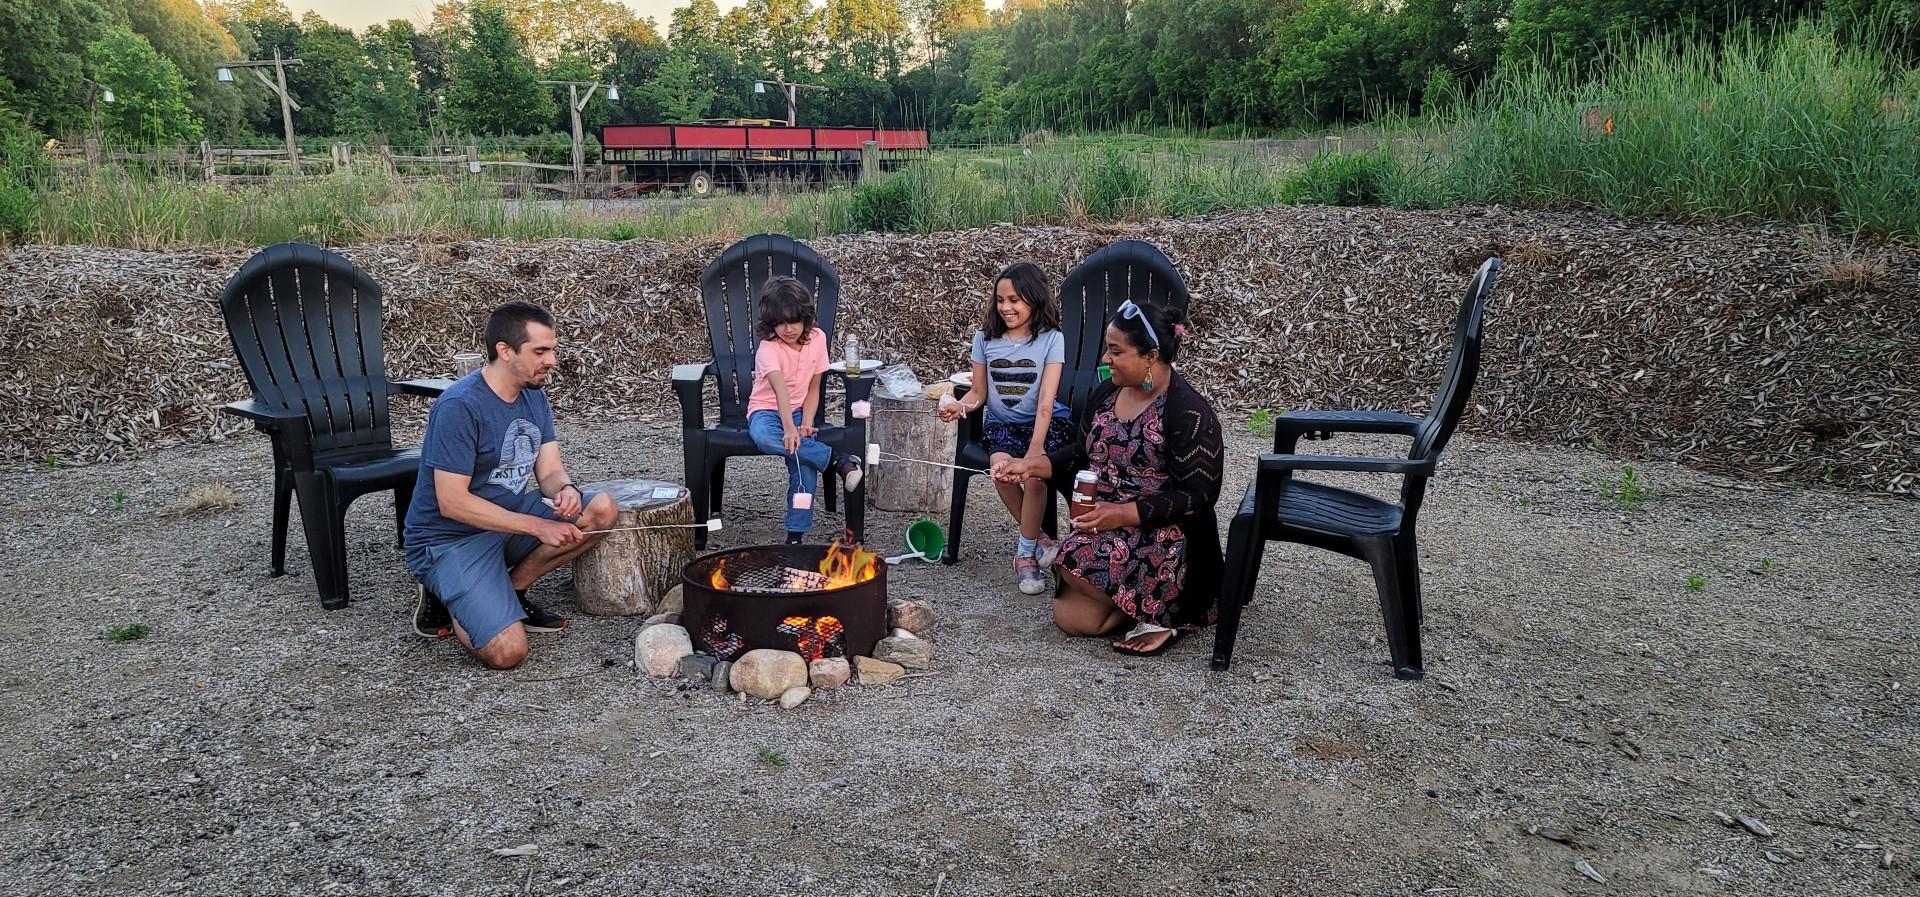 mixed Family roasting marshmallows over campfire